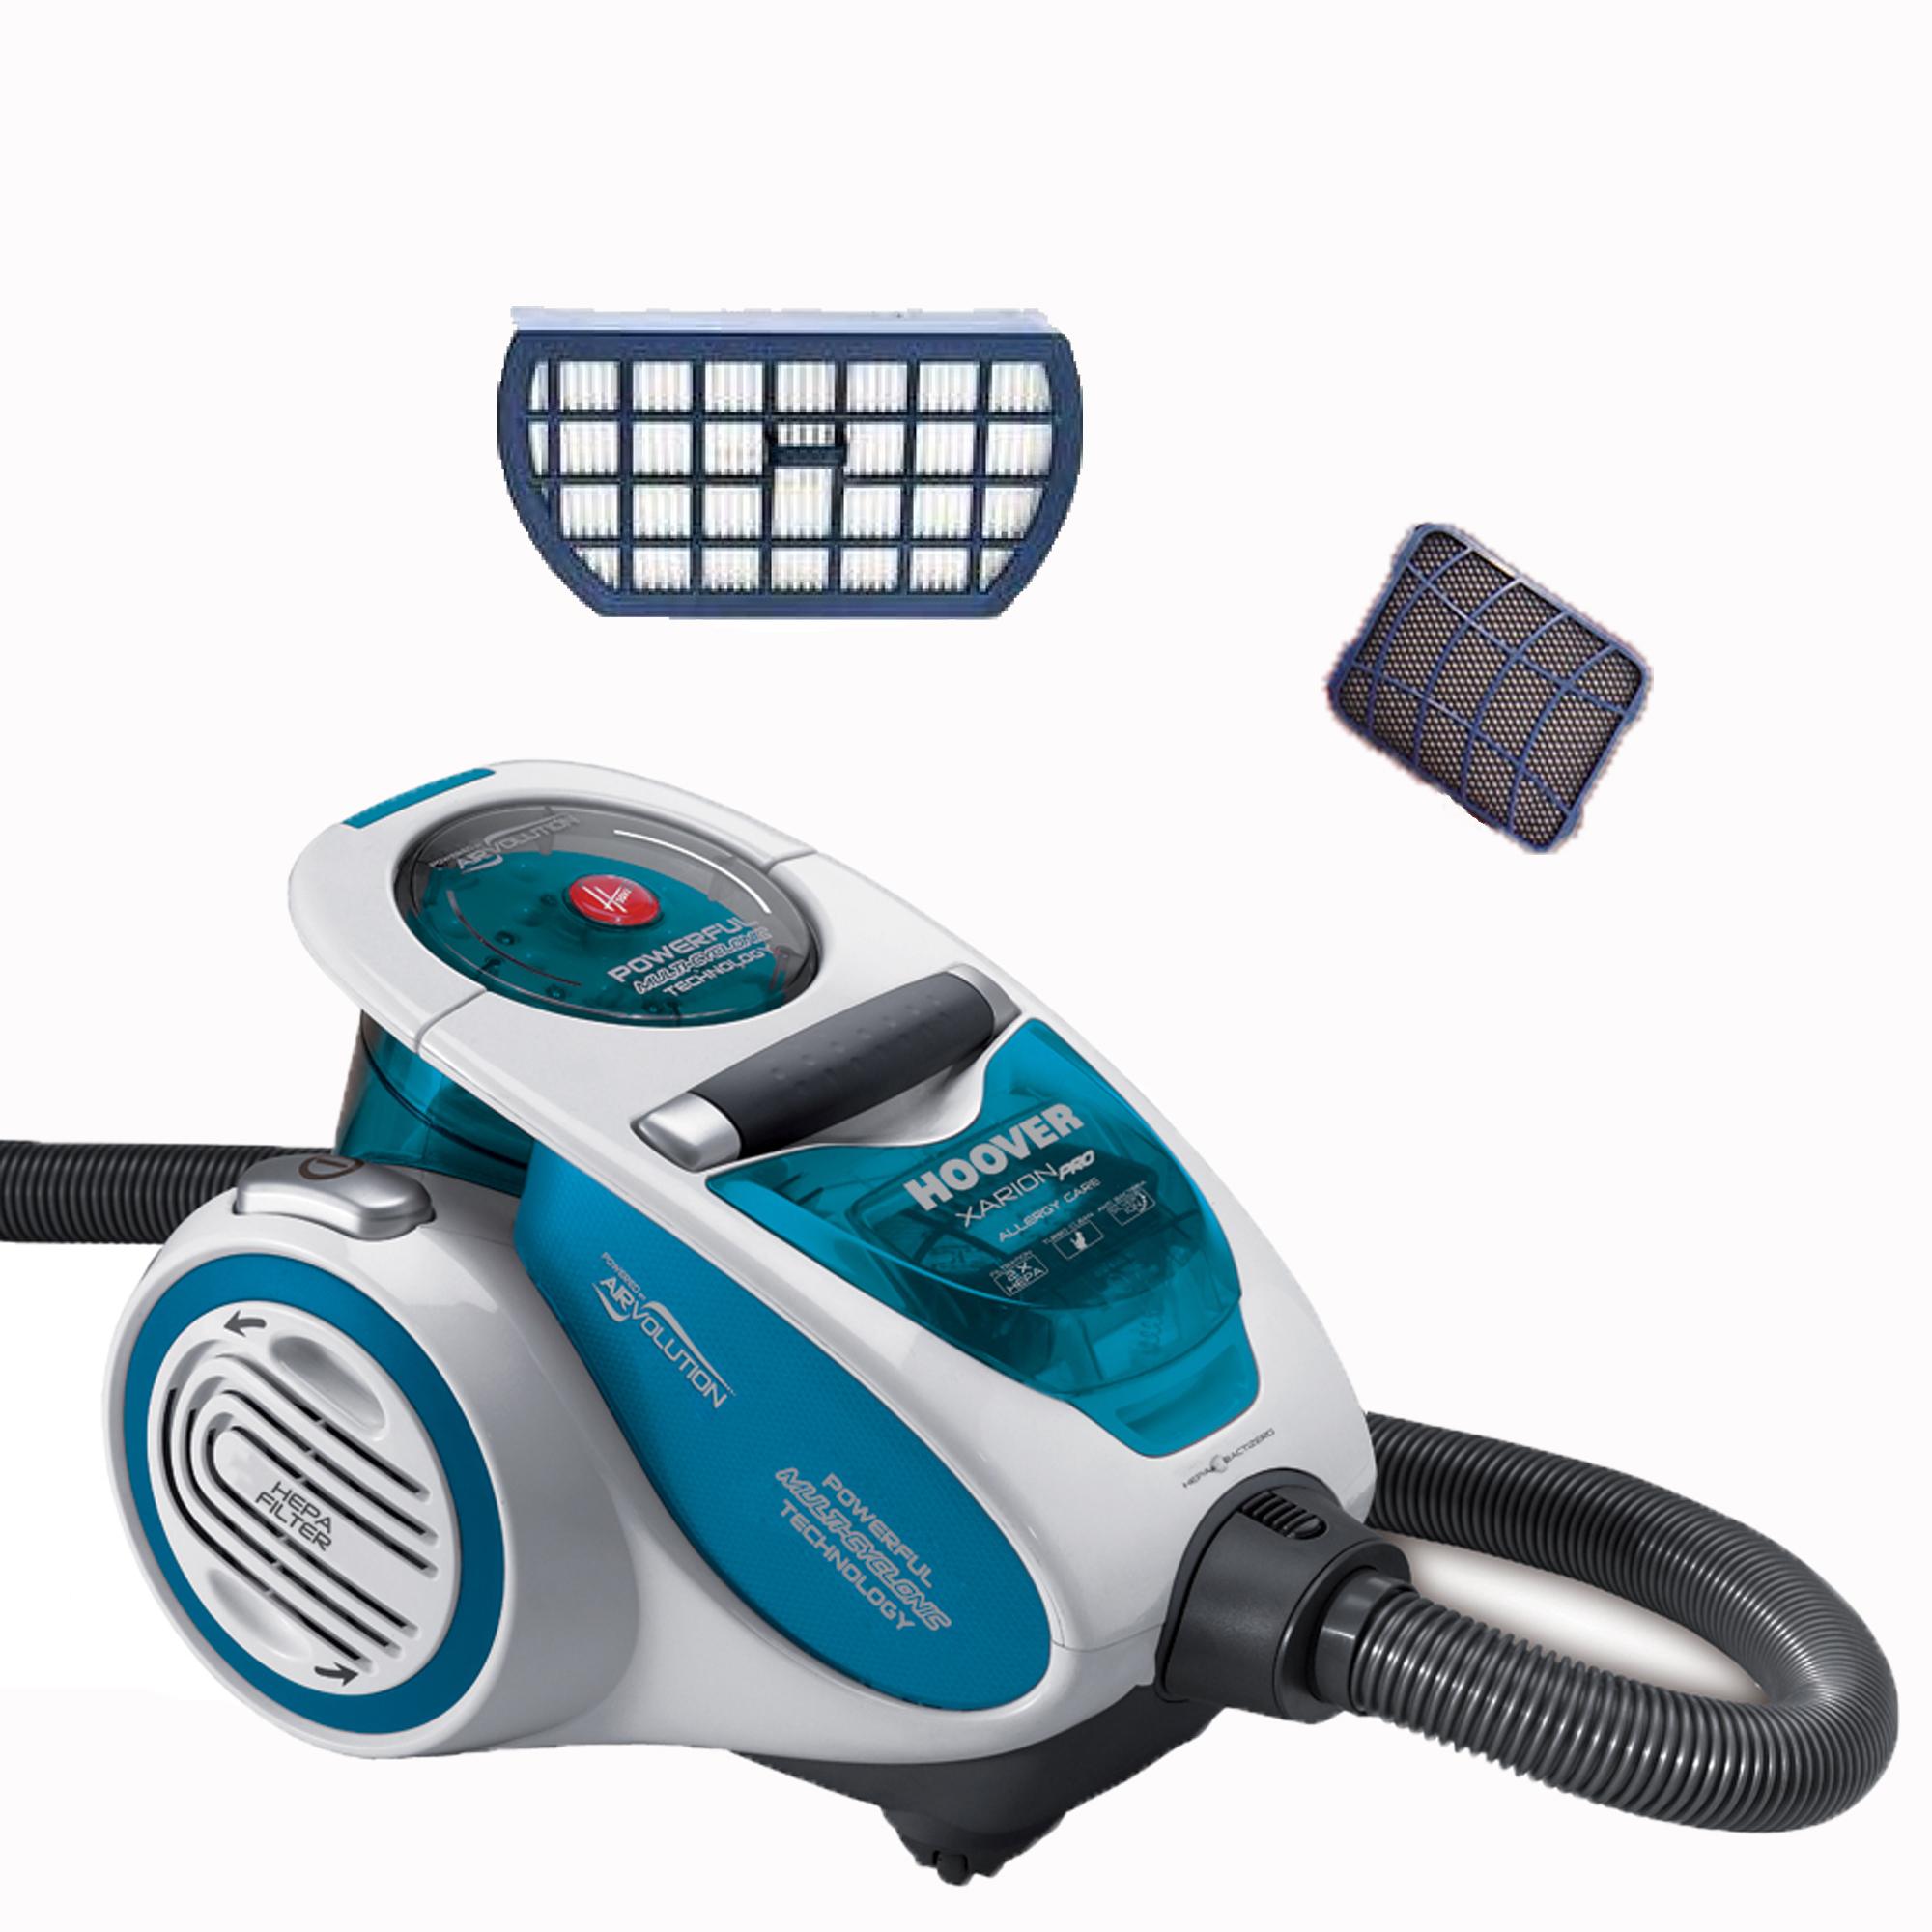 Комплекты подготовка Контейнерный пылесос Xarion Pro TXP1520 019 + аксессуары